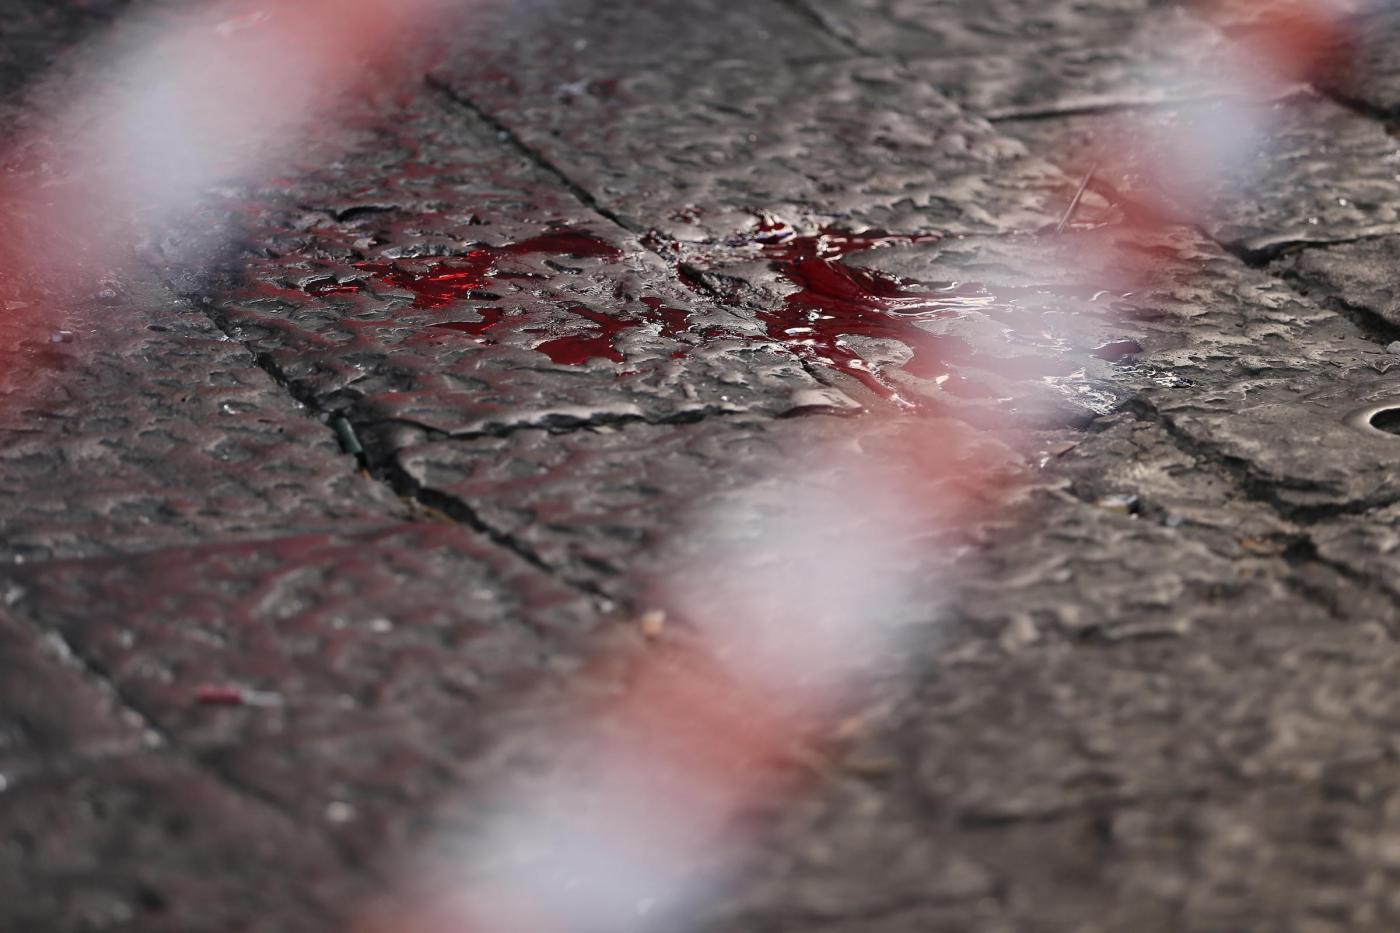 Ortona, duplice femminicidio: accoltella la moglie e l'amica e confessa